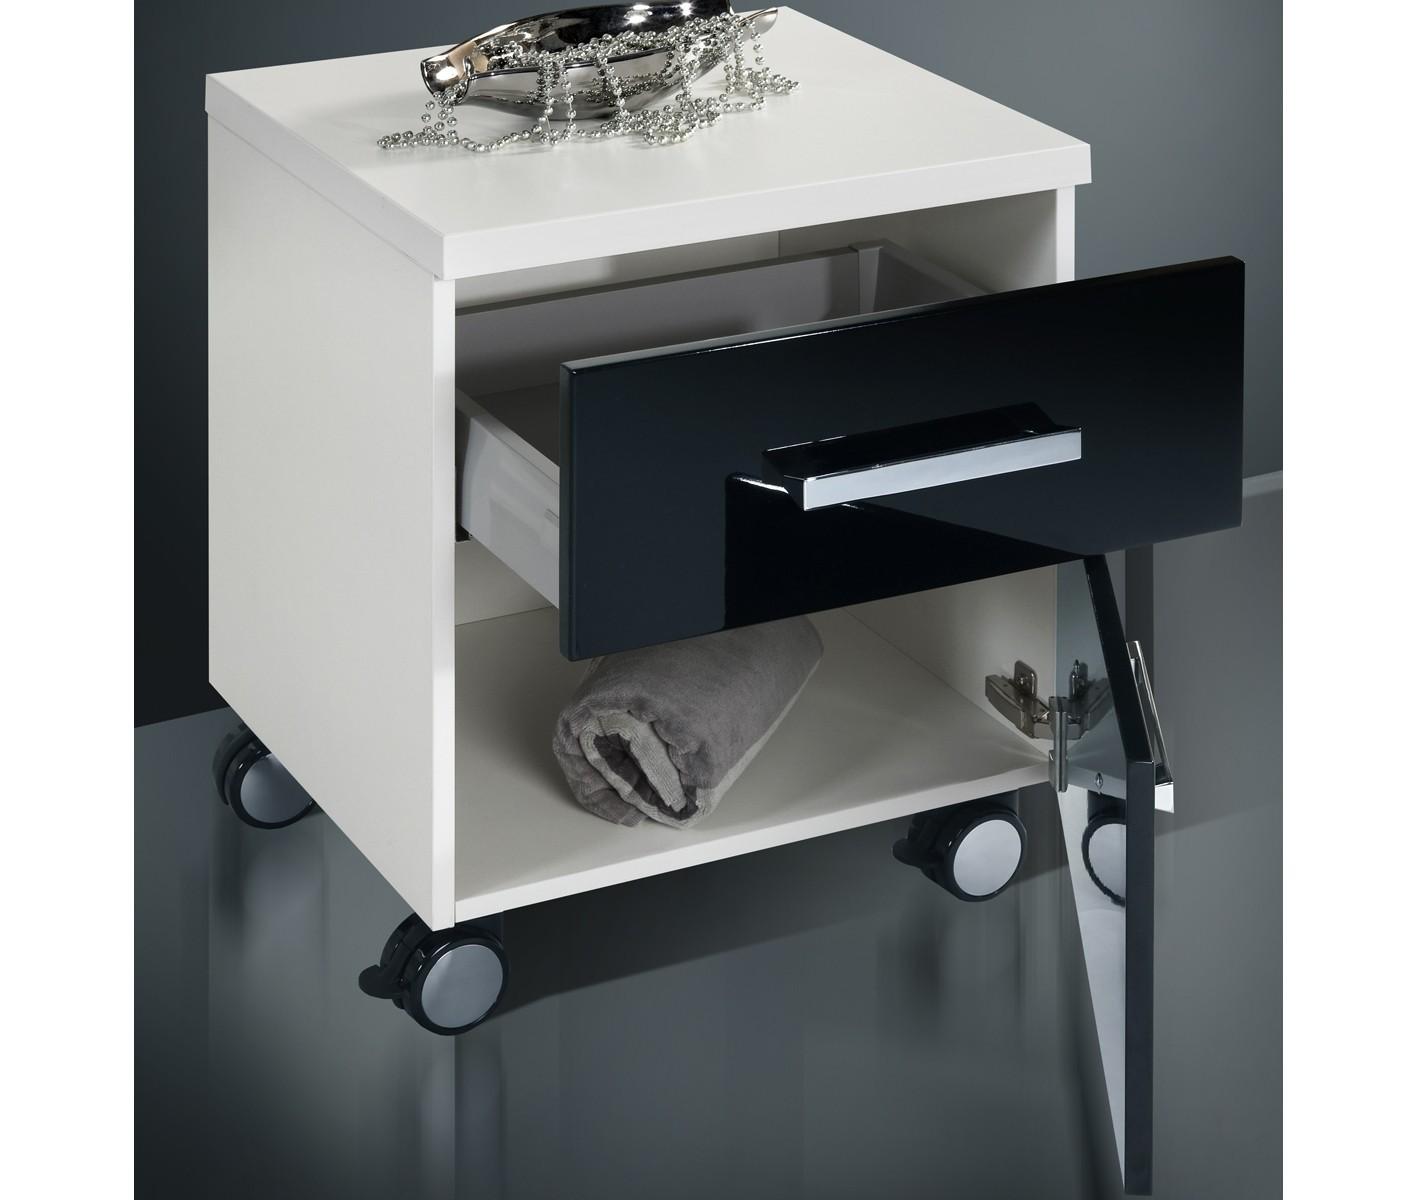 badm bel set mit lichtspiegel hochglanz lack 90 cm 472. Black Bedroom Furniture Sets. Home Design Ideas